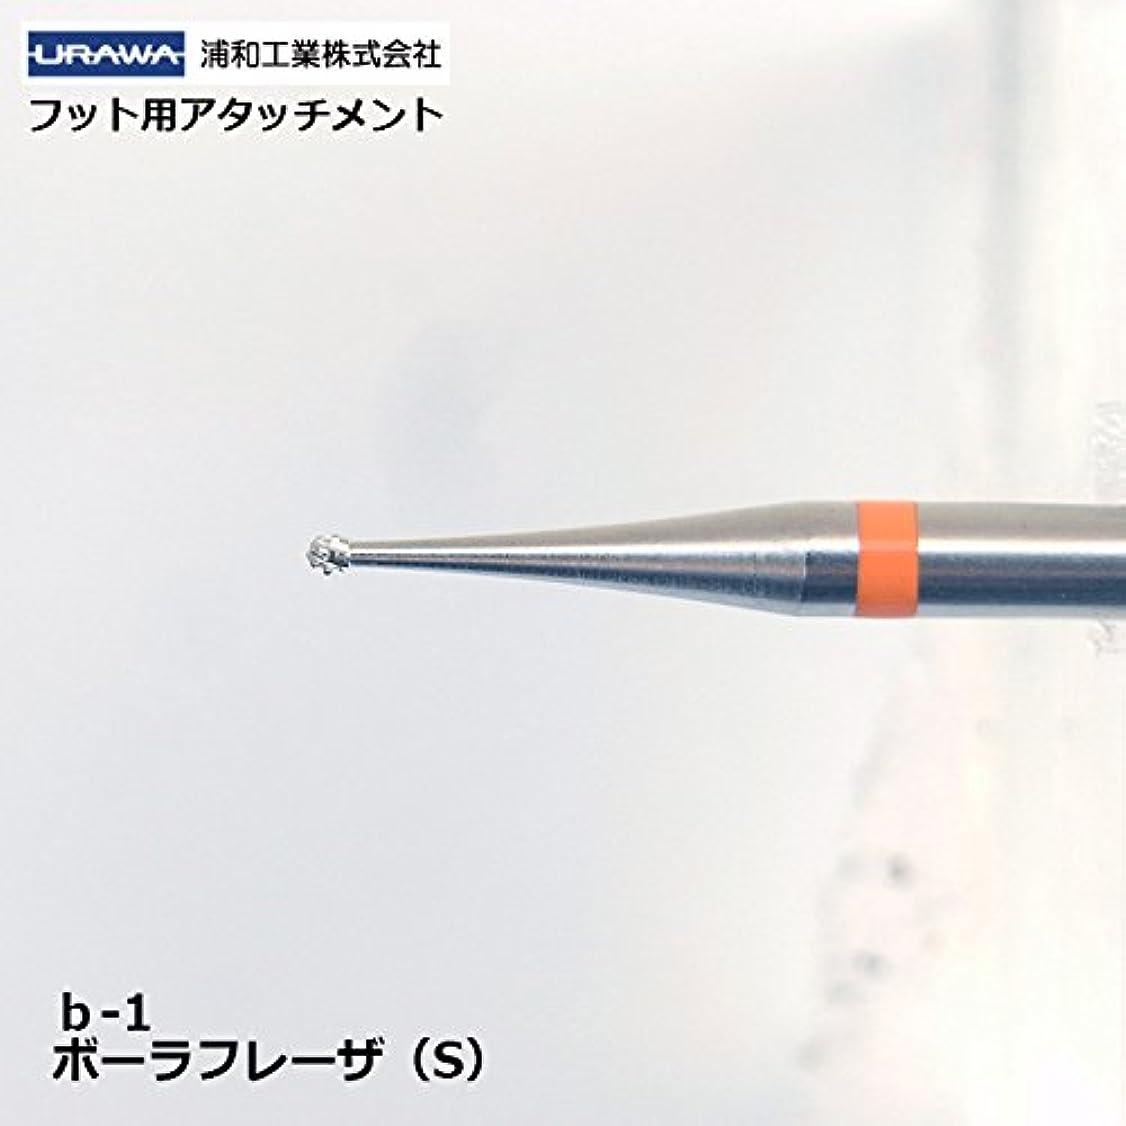 失態スポーツをする端【URAWA】ボーラフレーザーS(b-1)【フット用アタッチメント】